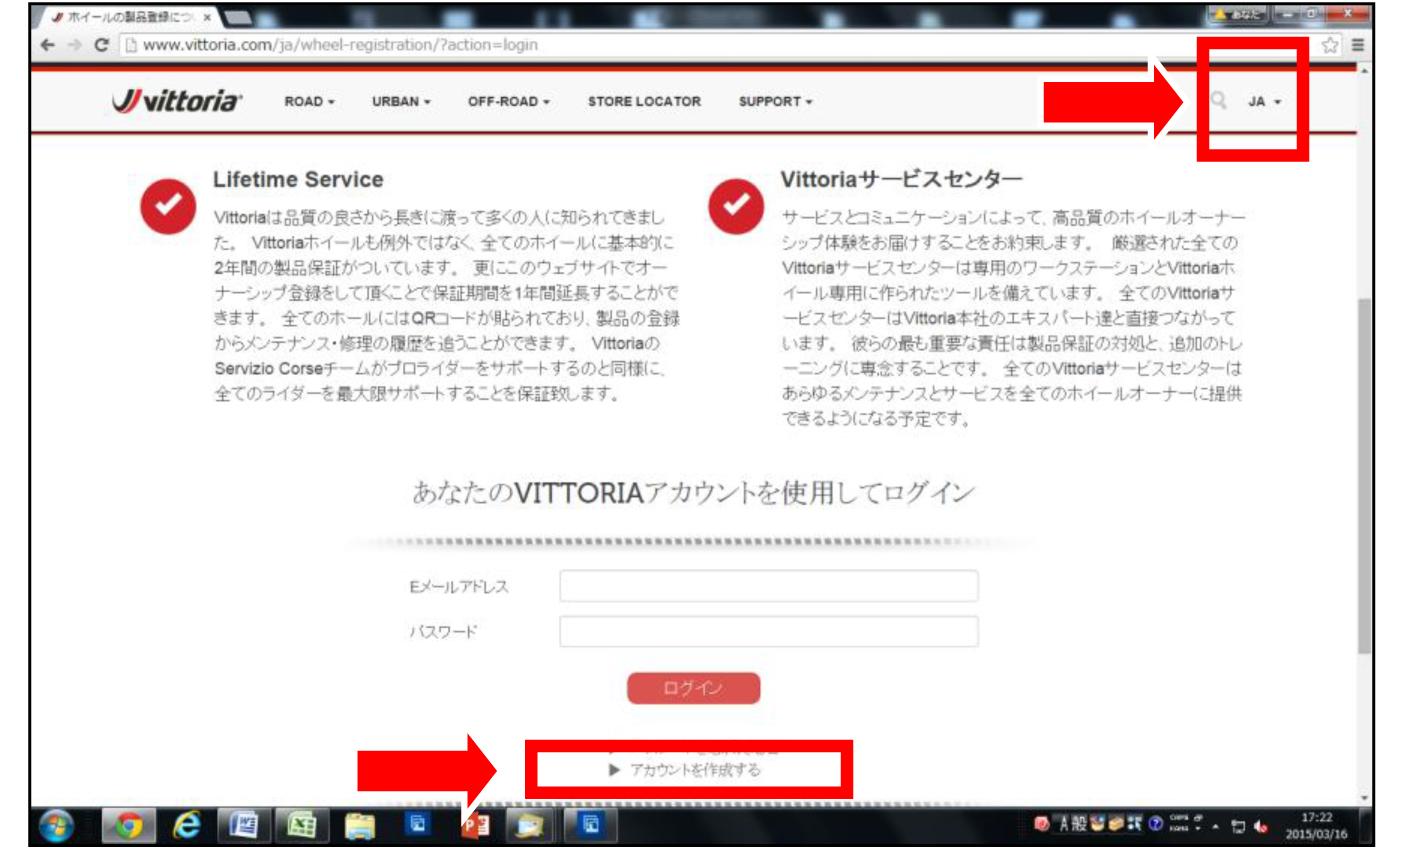 ホイールオンラインユーザー登録マニュアル-1-2